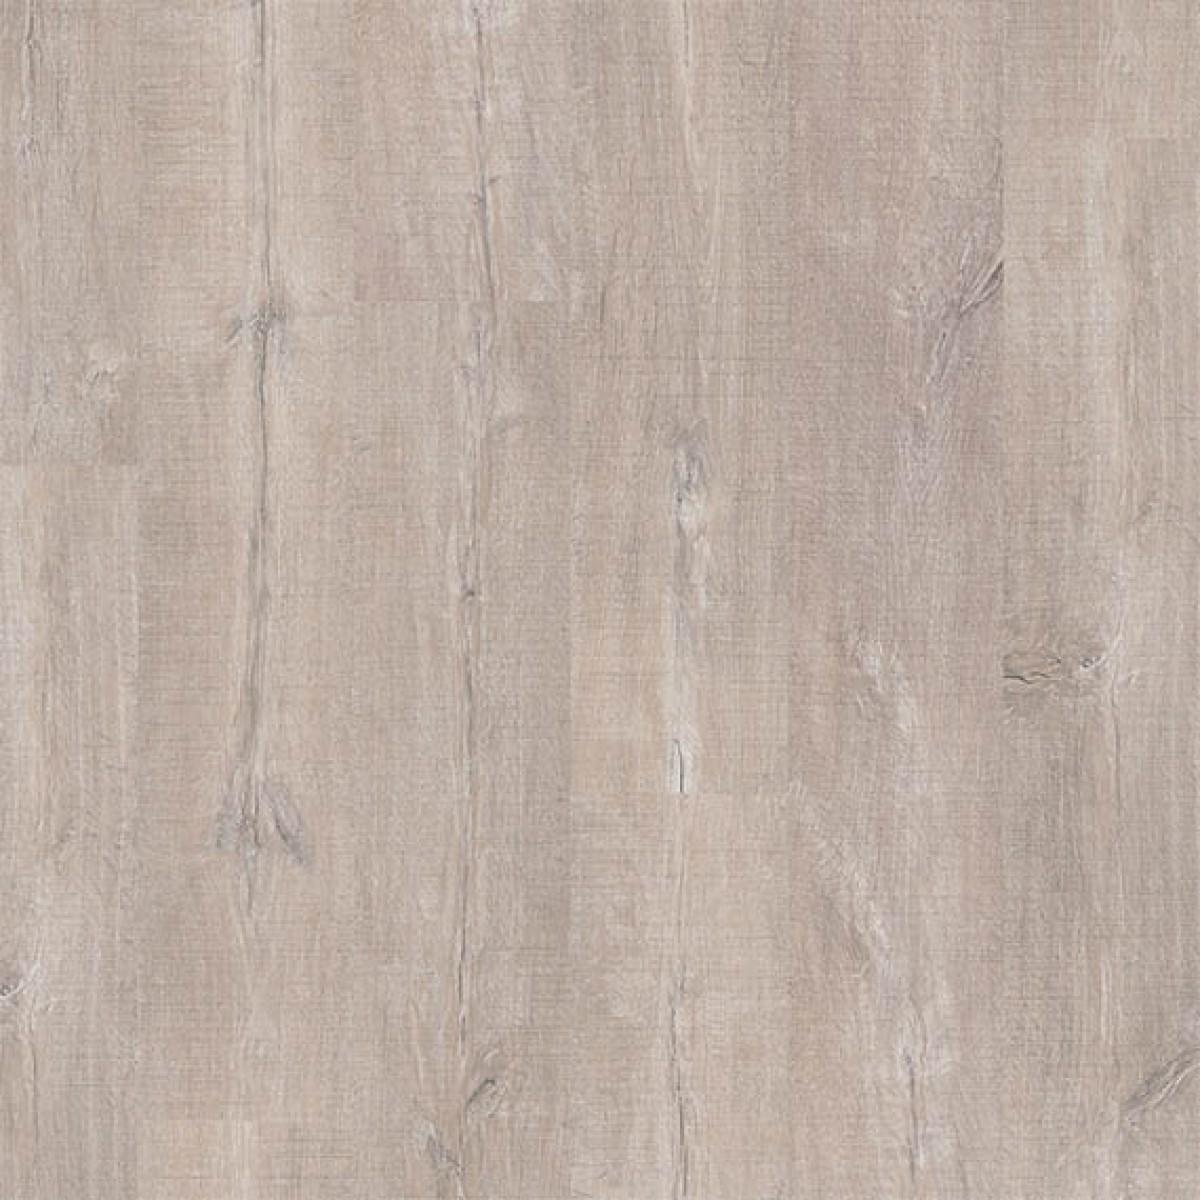 Quick-Step Livyn Comfort Patina Oak Light Grey